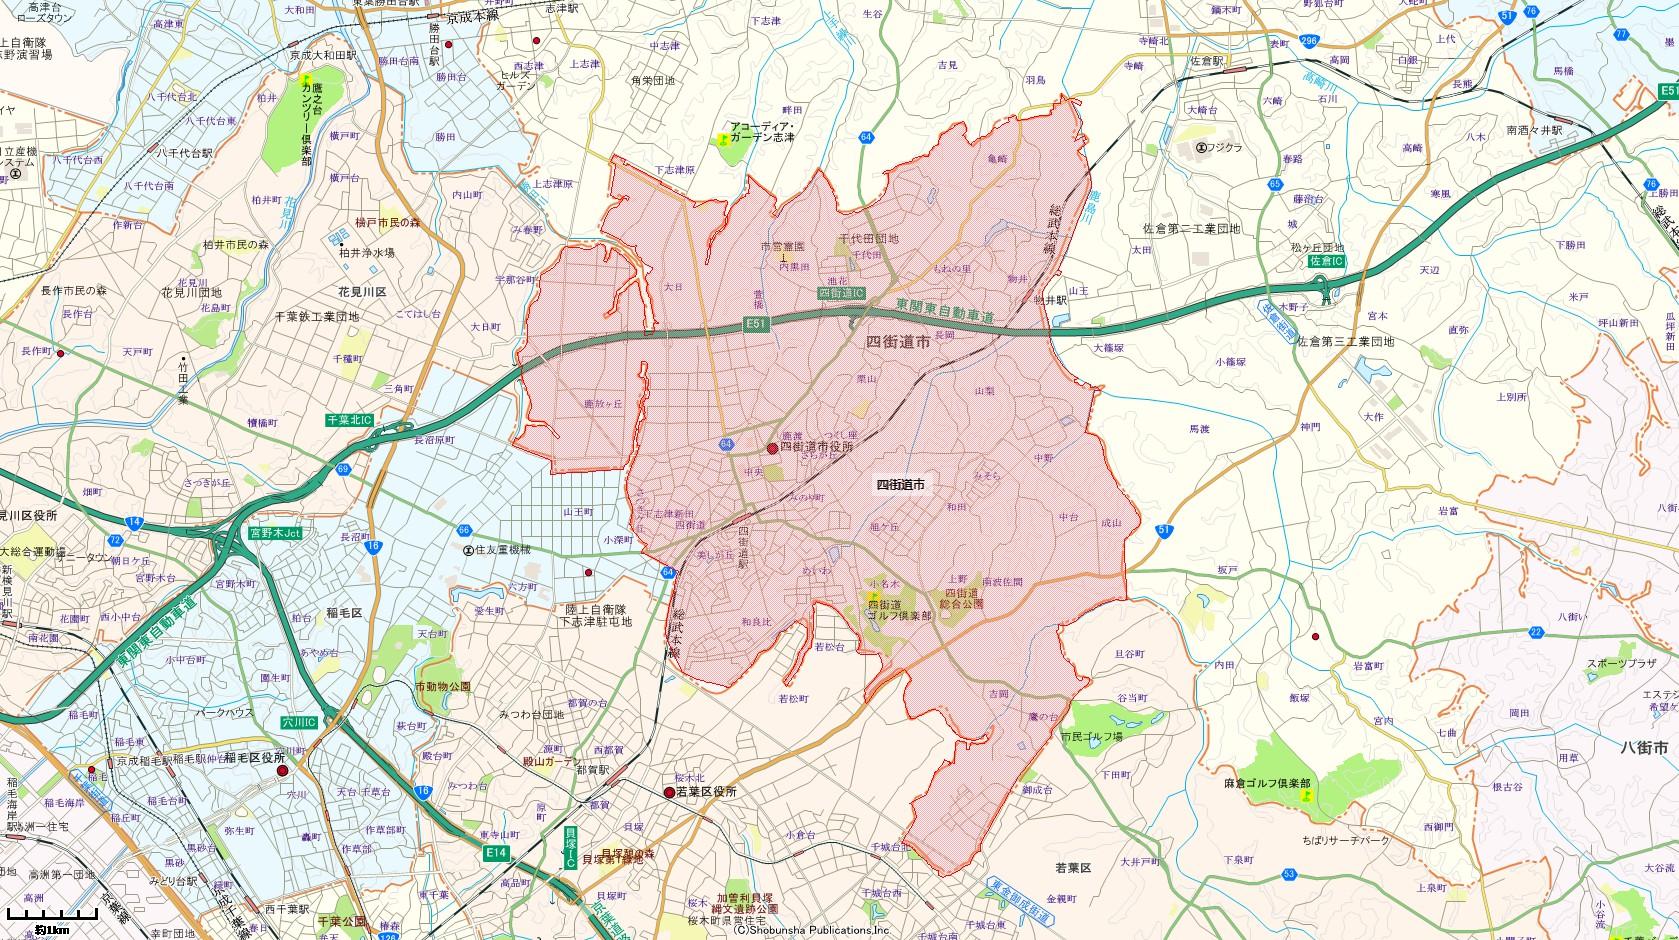 四街道市地図